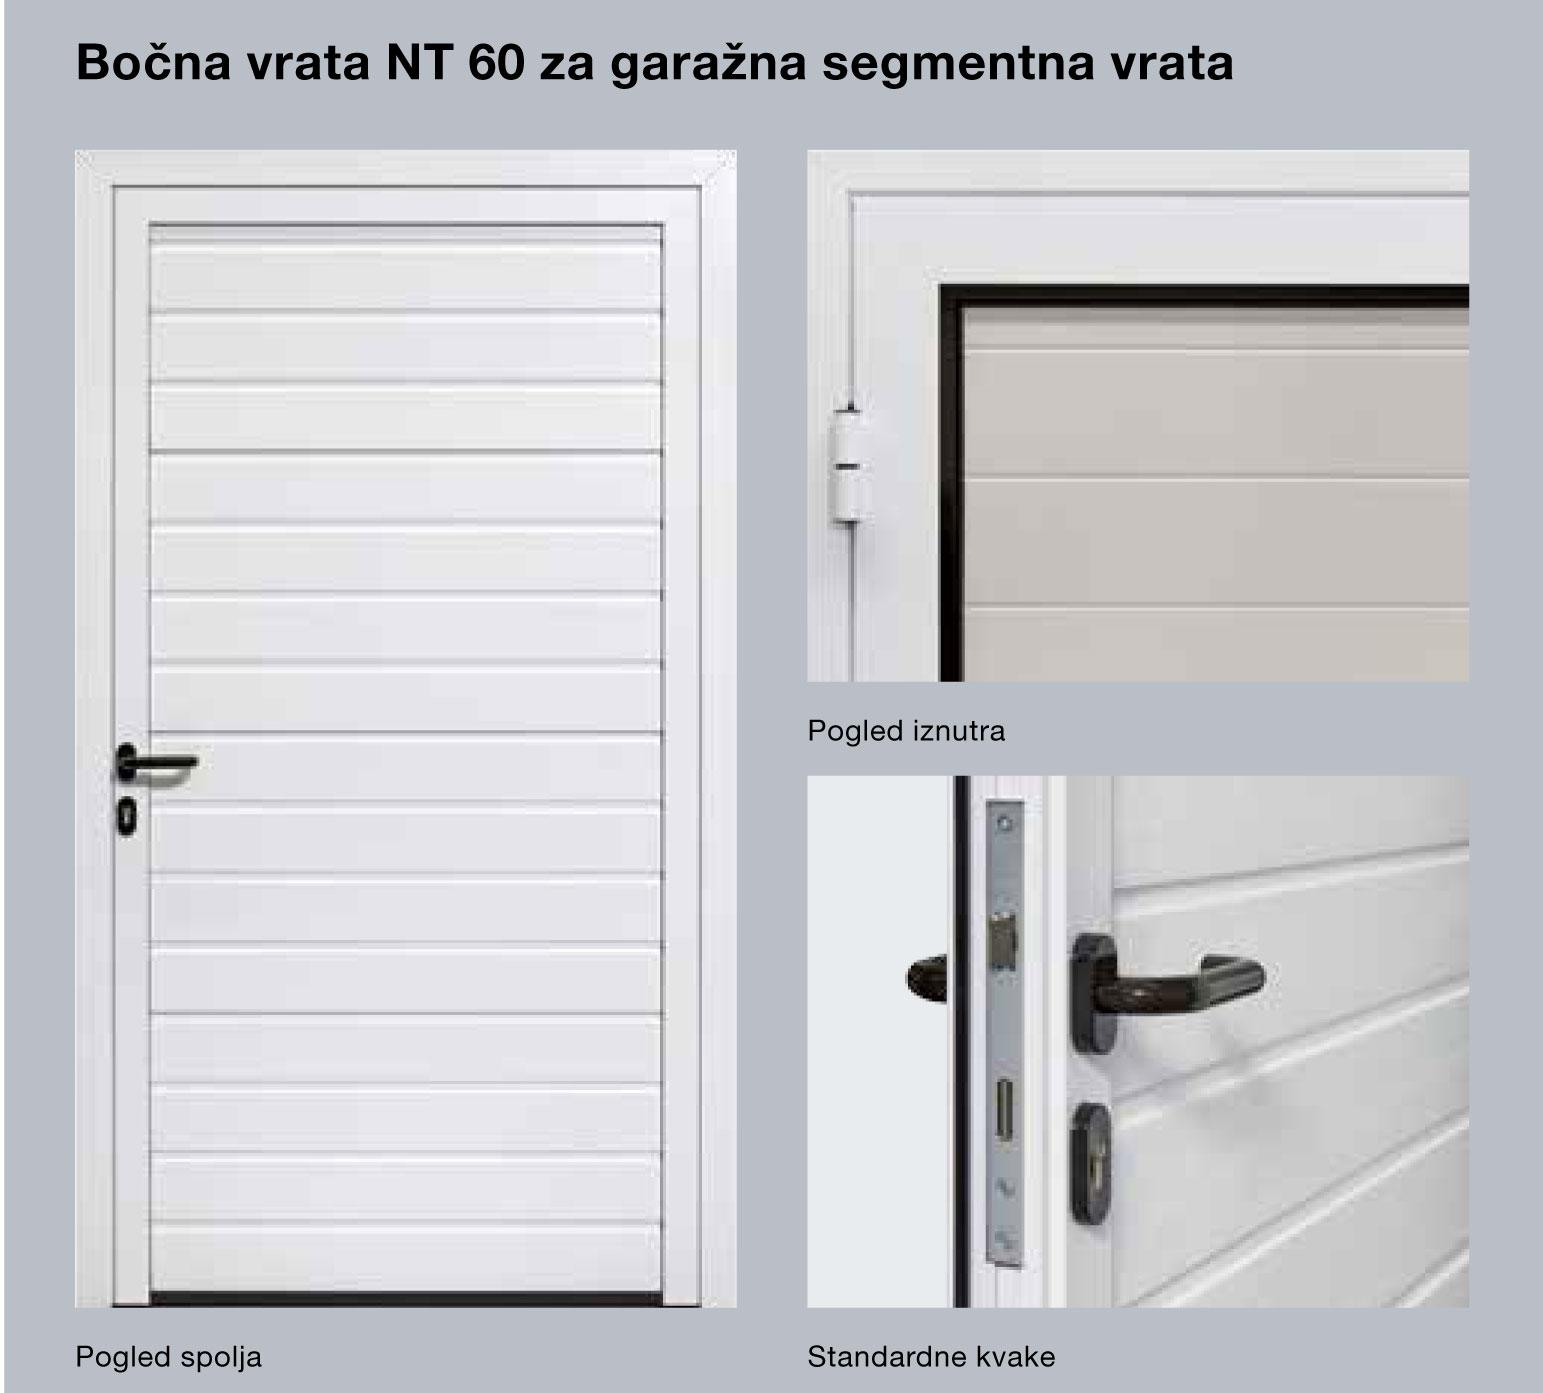 Bočna vrata NT 60 za garažna segmentna vrata